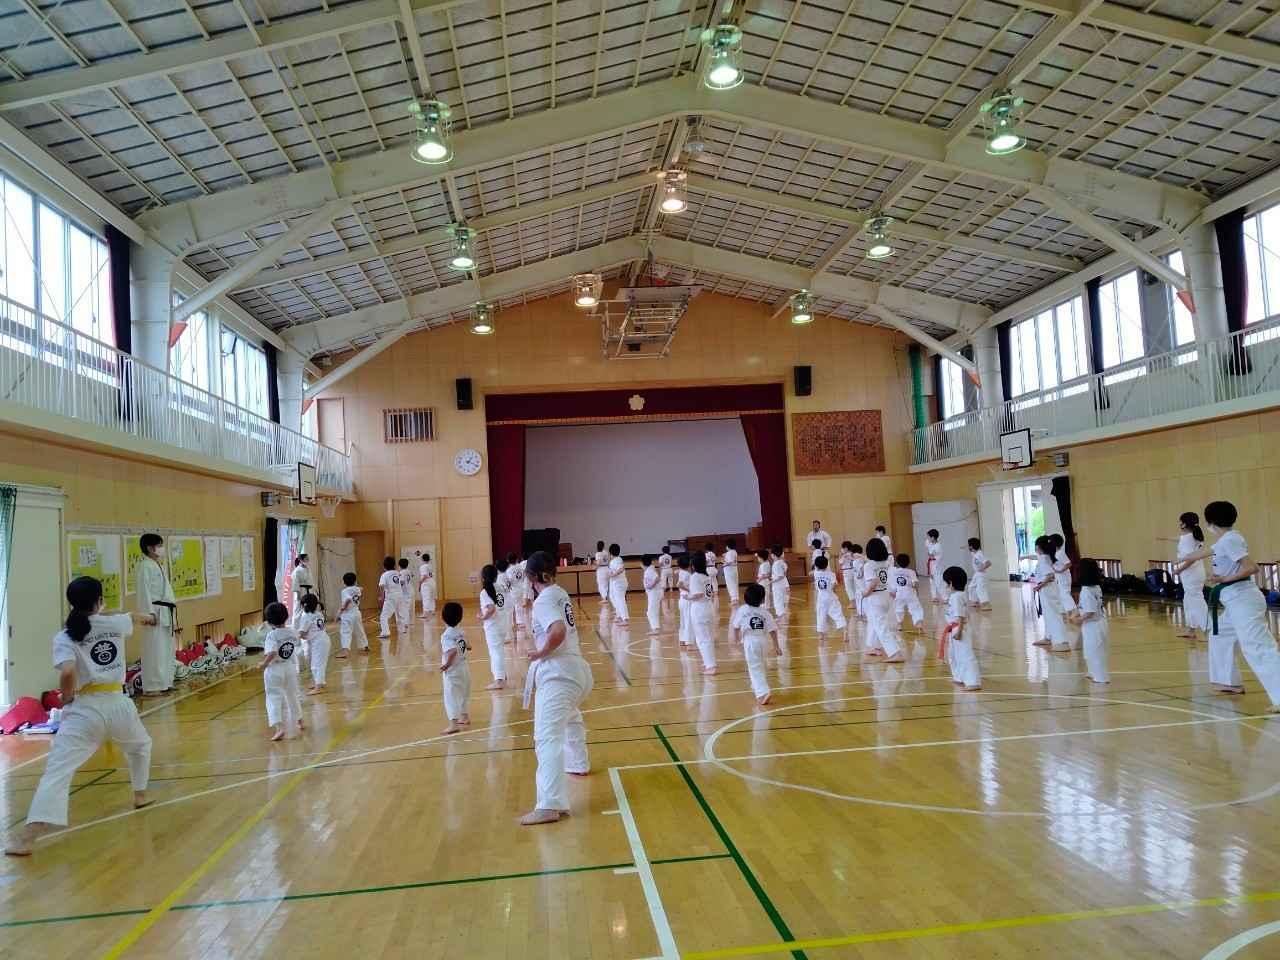 横浜市鶴見区新鶴見(矢向)空手クラブ 3歳からの空手